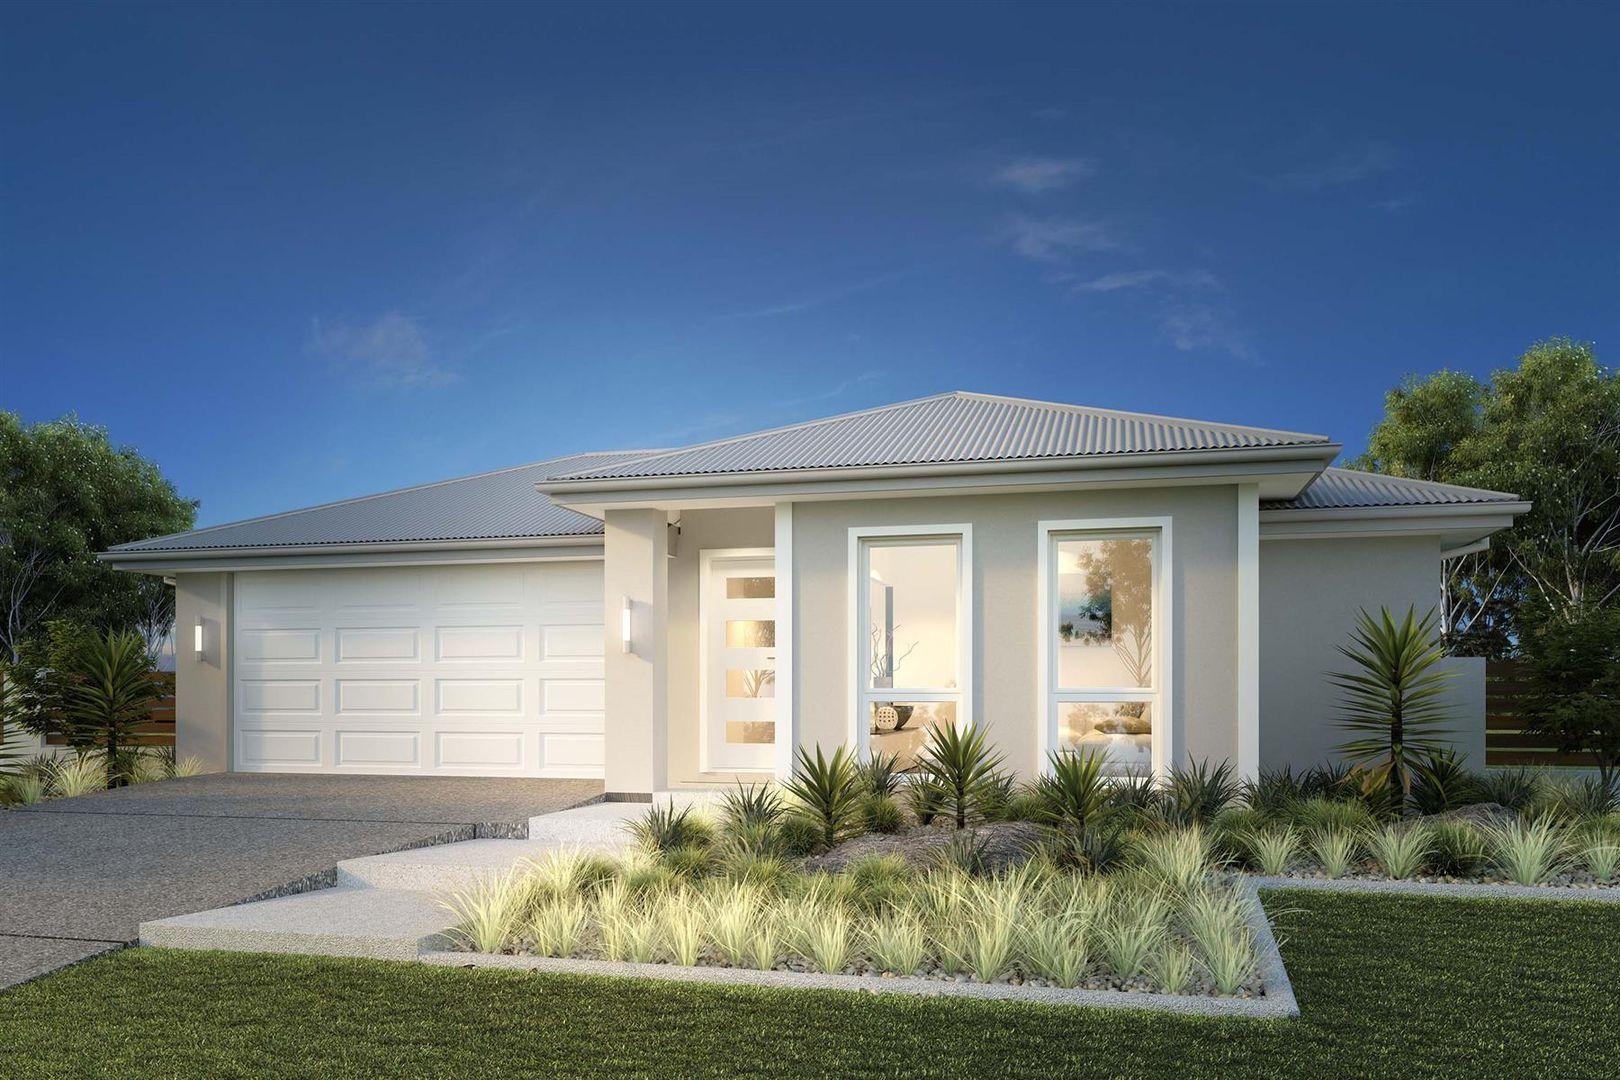 Lot 3 Molkentin Road, Jindera NSW 2642, Image 2